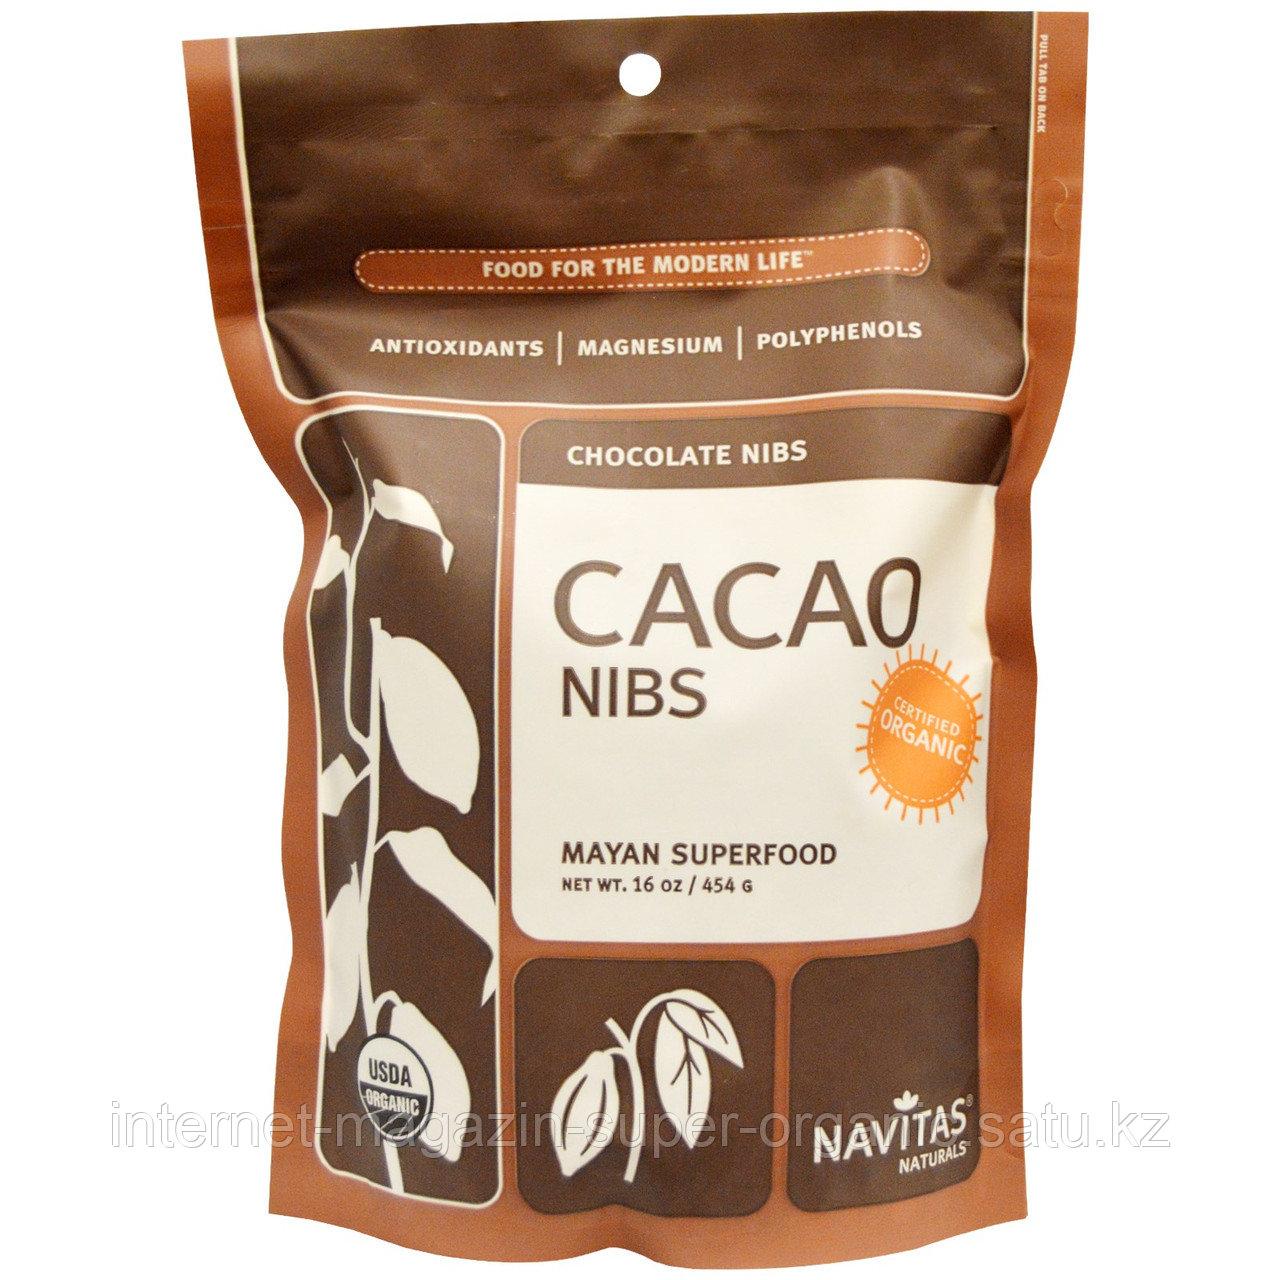 Какао-бобы кусочками, 454 гр, Navitas Naturals